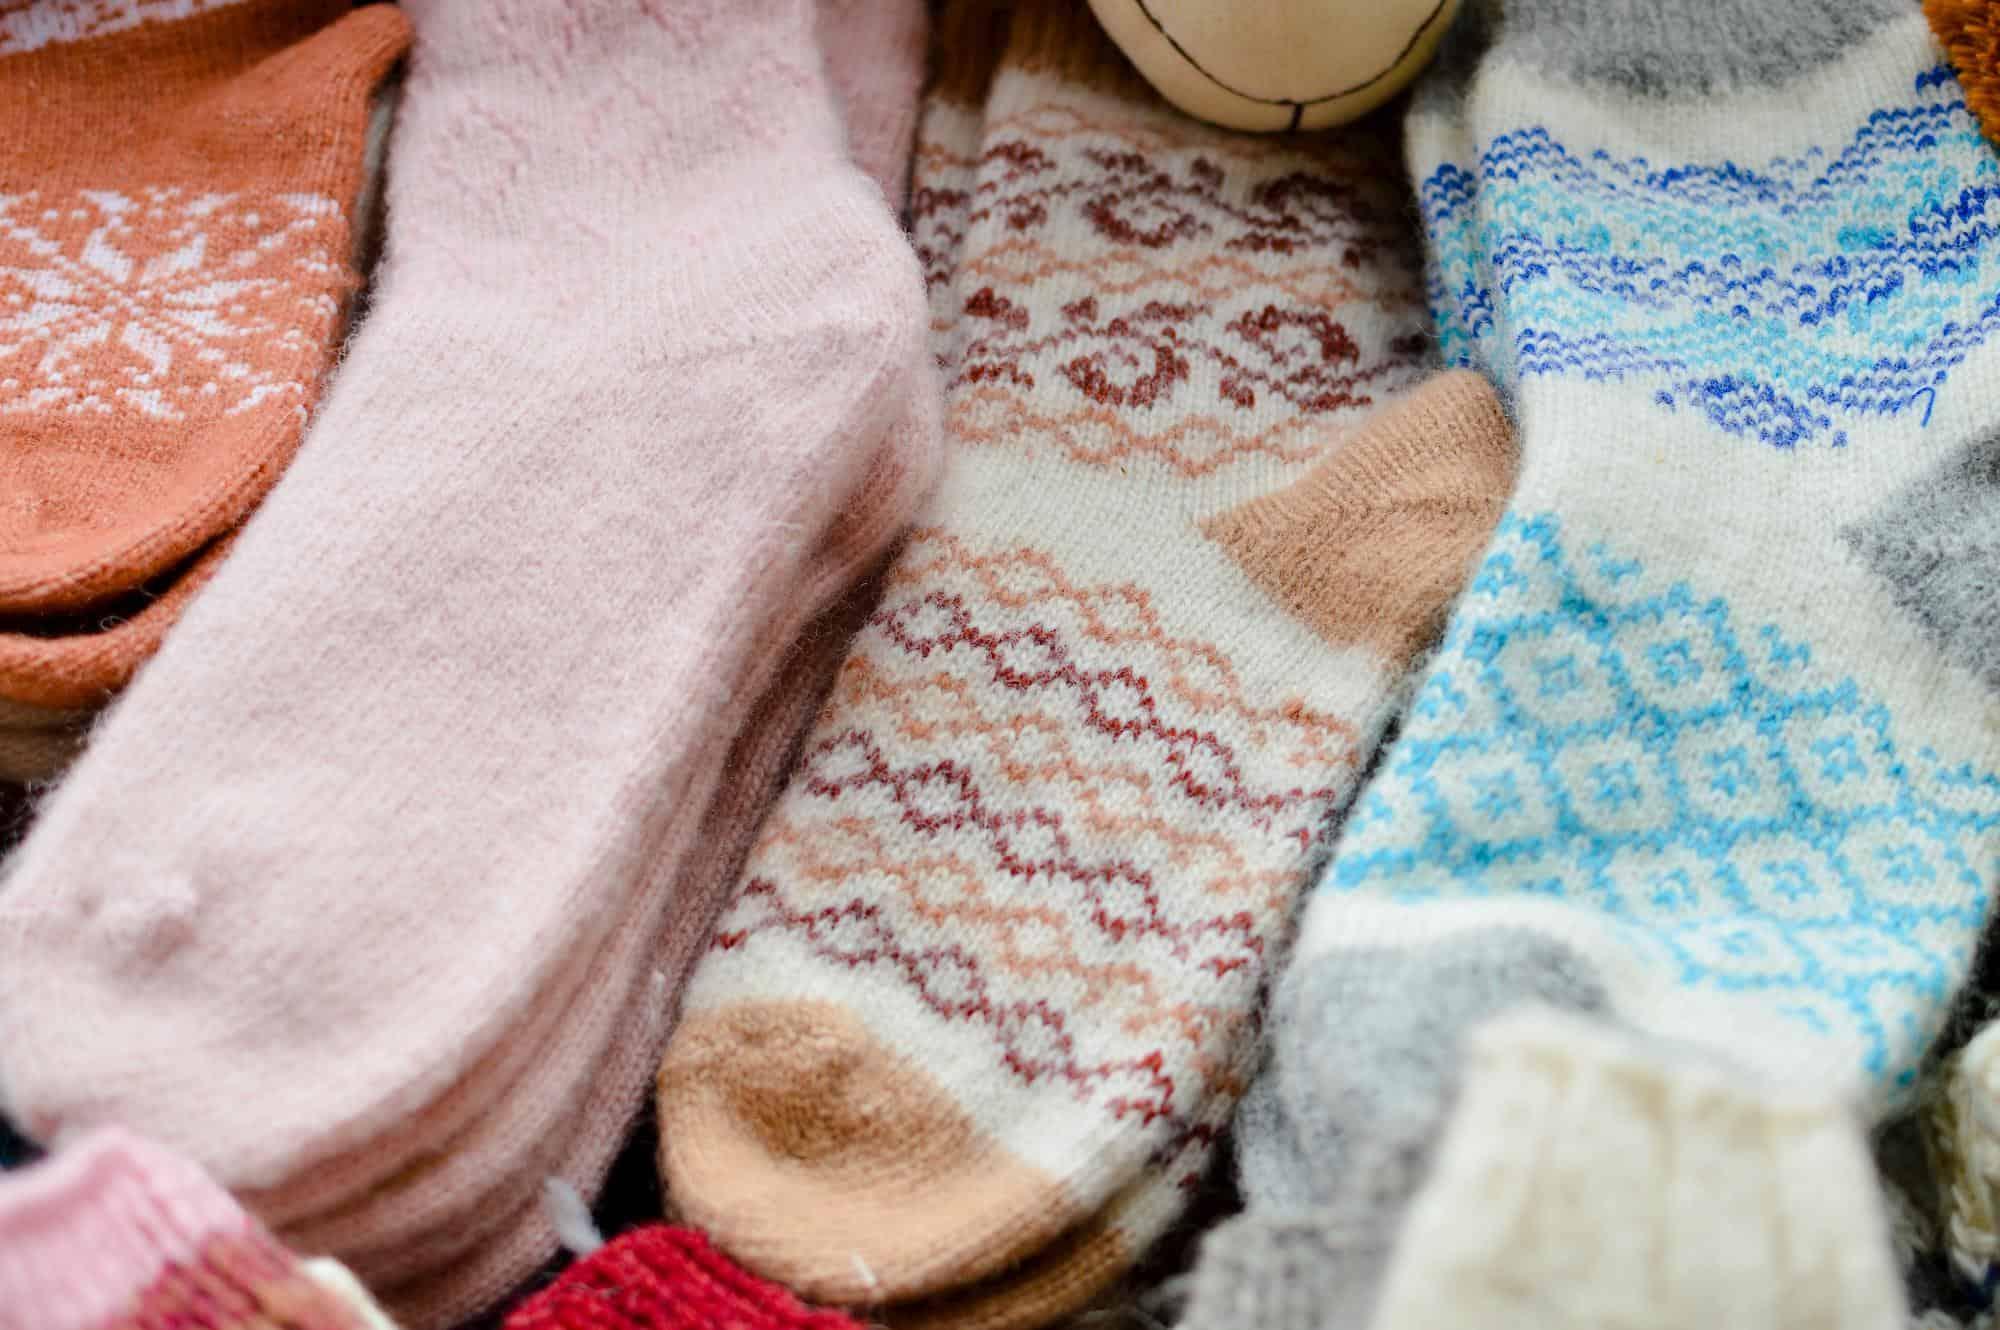 Thermal socks